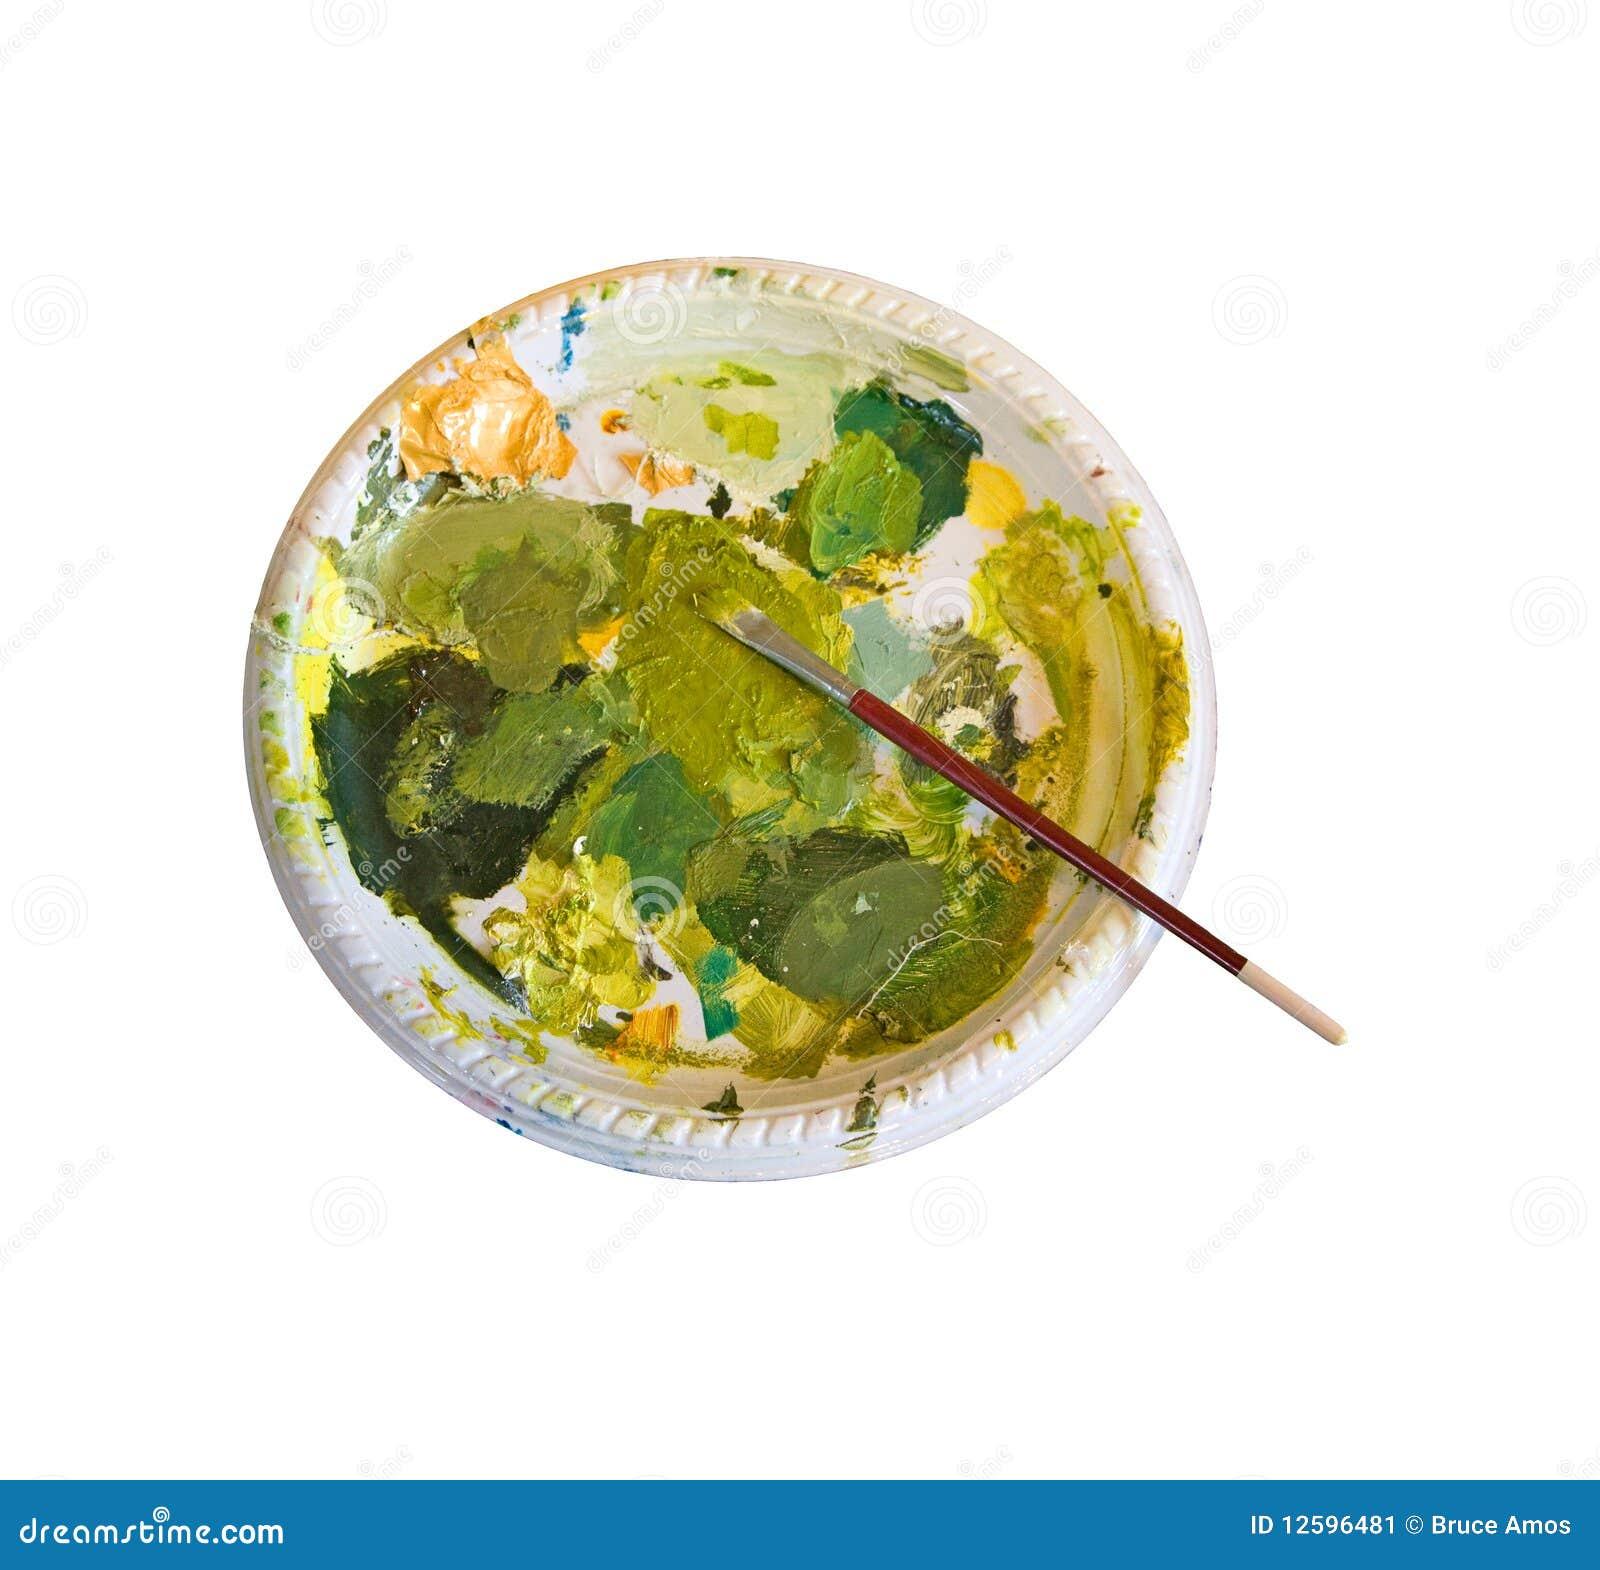 Gama de colores de pinturas verdes imagen de archivo - Gama de colores de pinturas ...